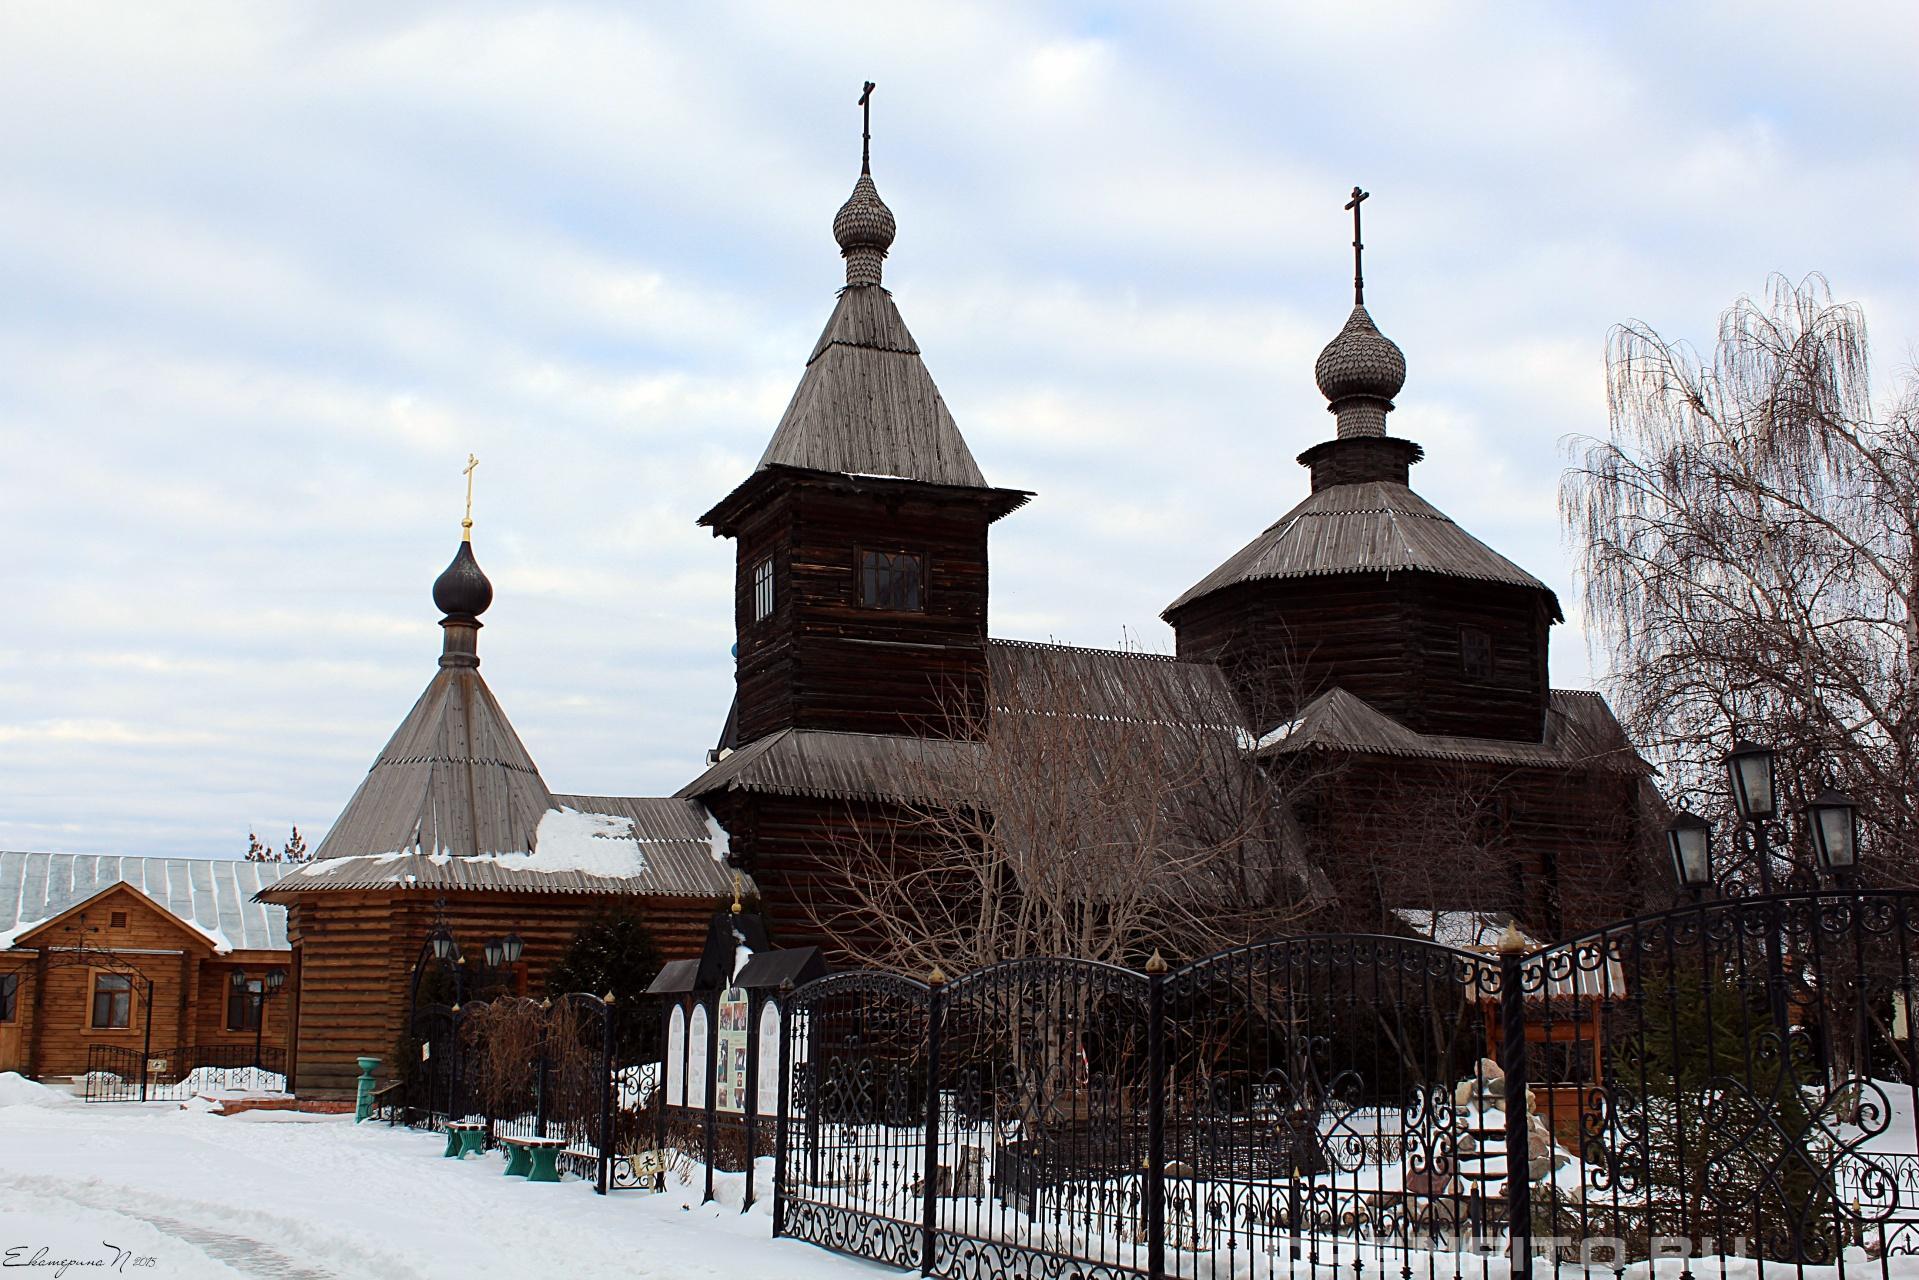 Свято-Троицкий монастырь Свято-Троицкий монастырь, город Муром, Владимирская область